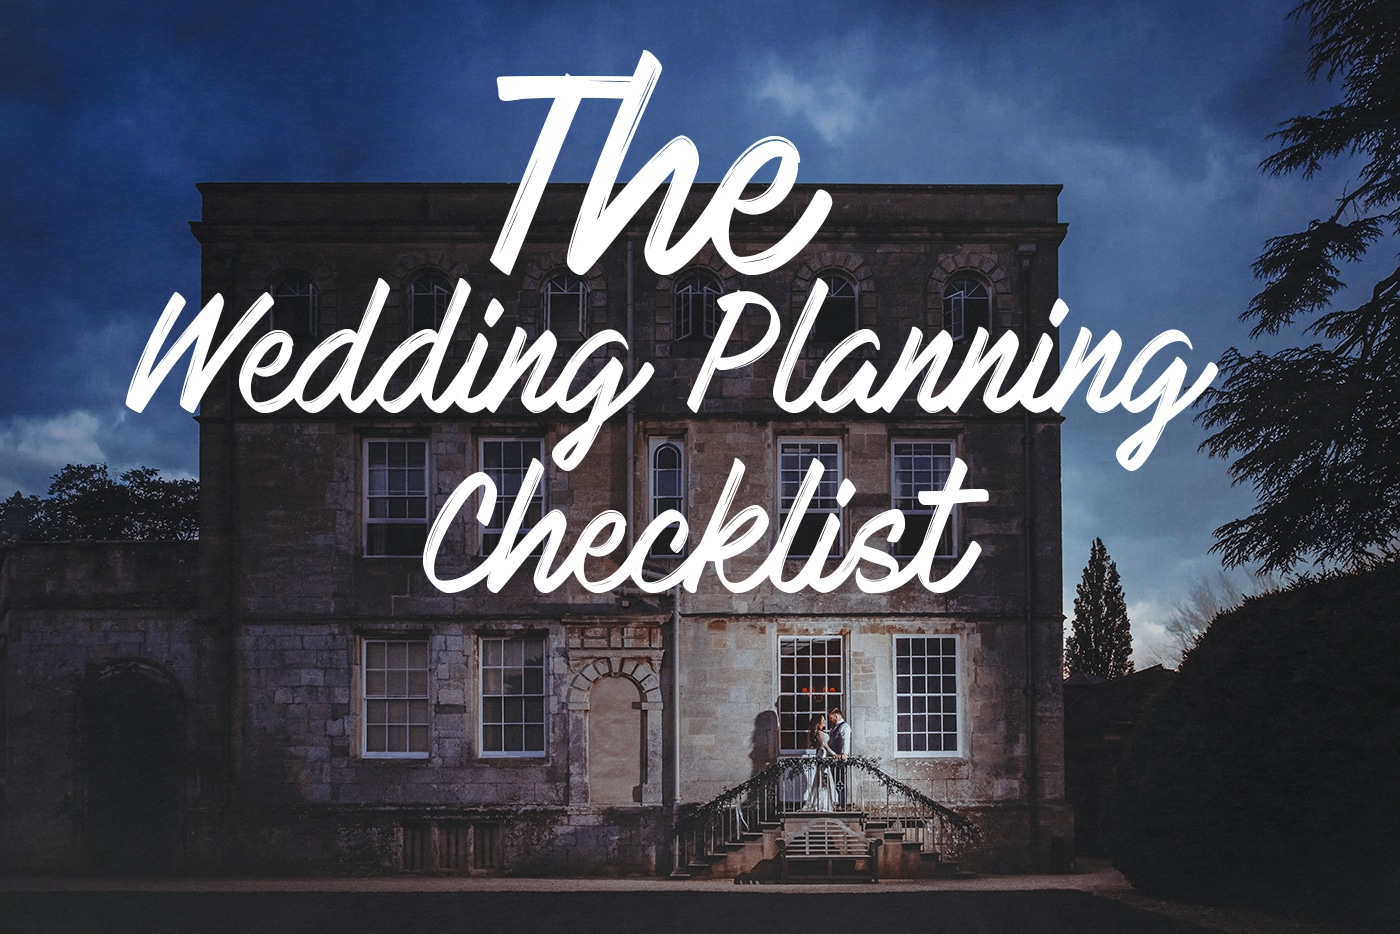 wedding checklist, wedding planning checklist